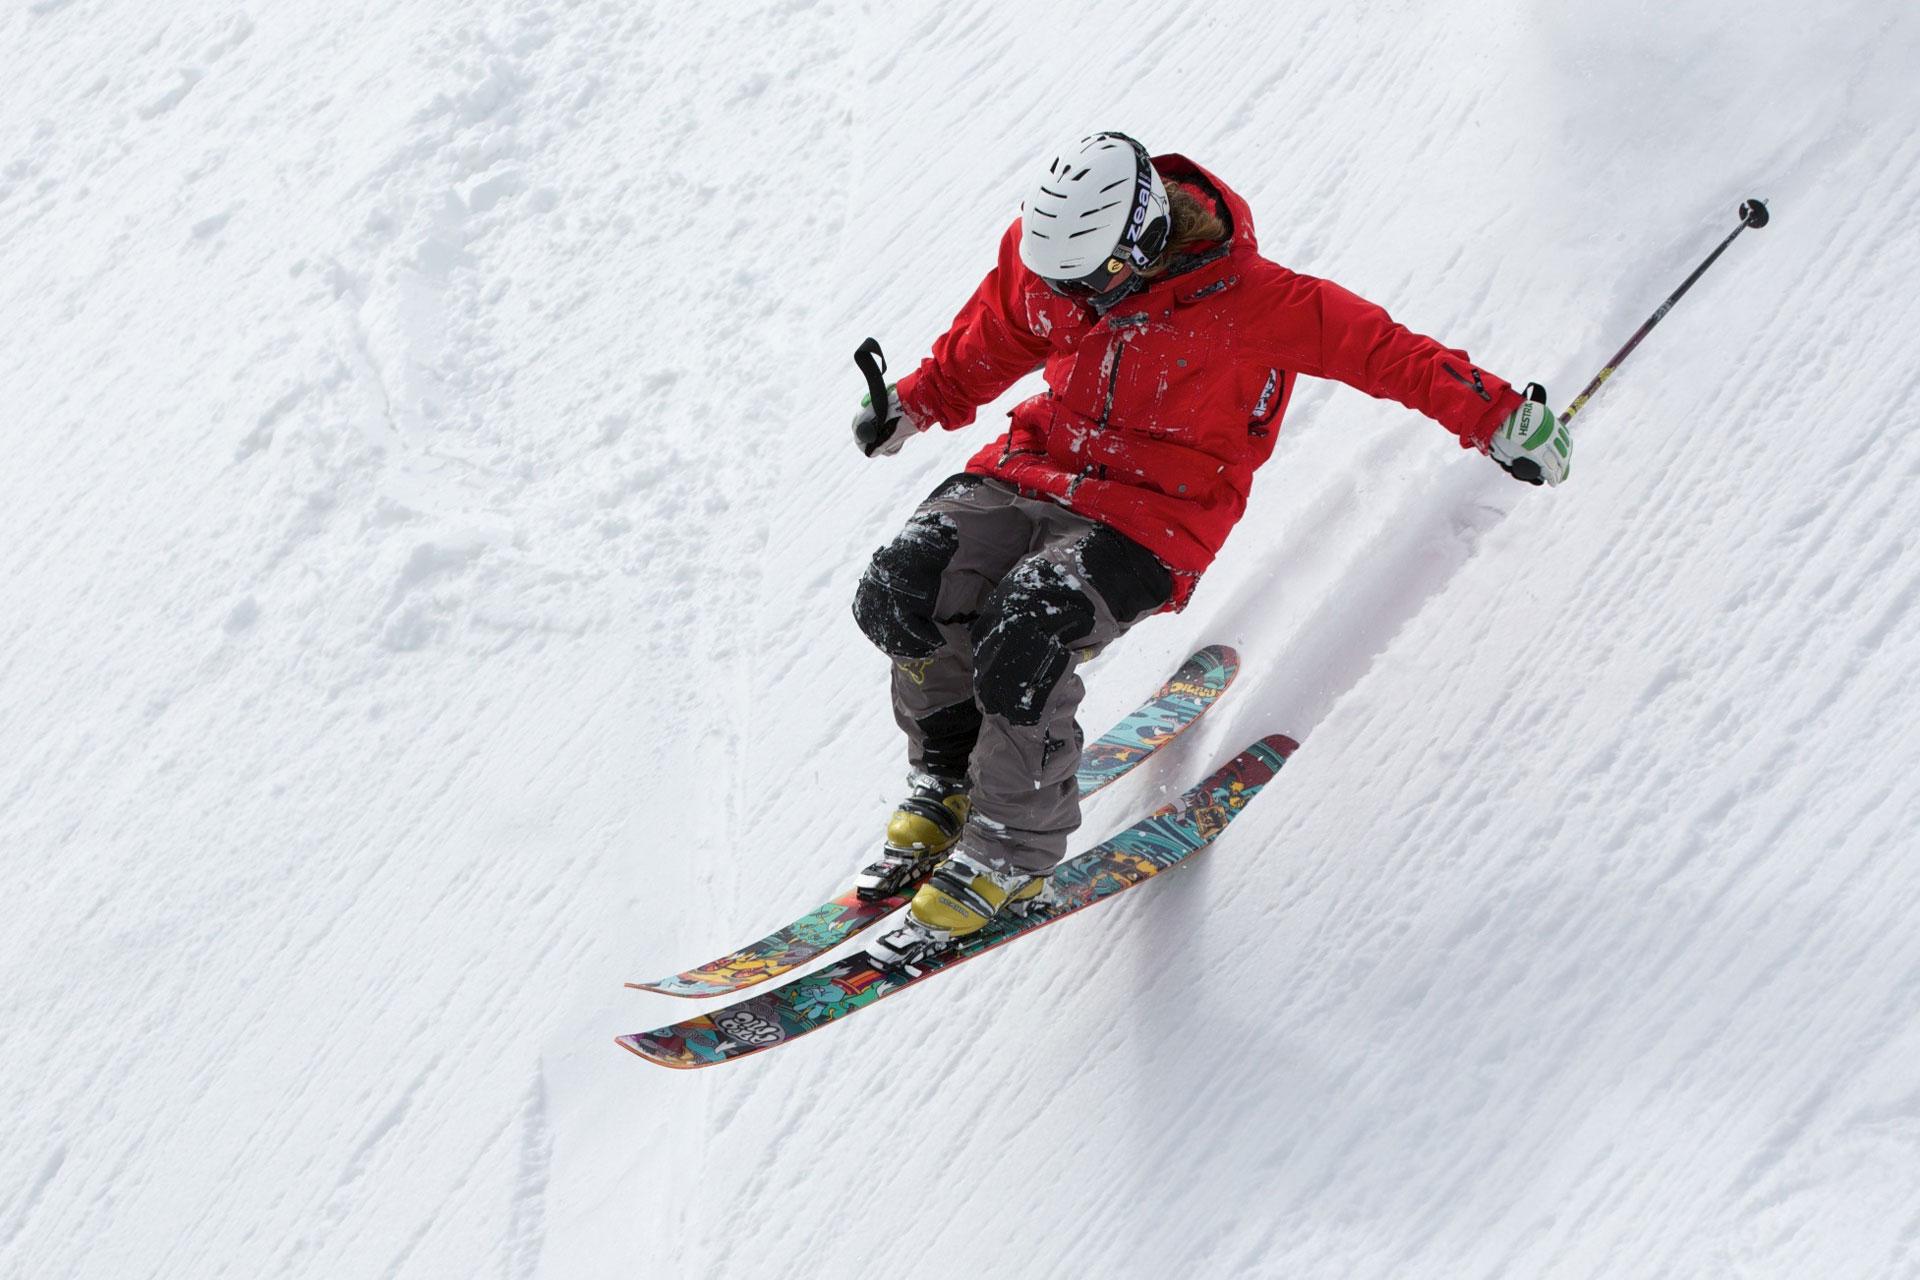 Skiballett: Wie die ersten Freigeister Slopestyle erfanden